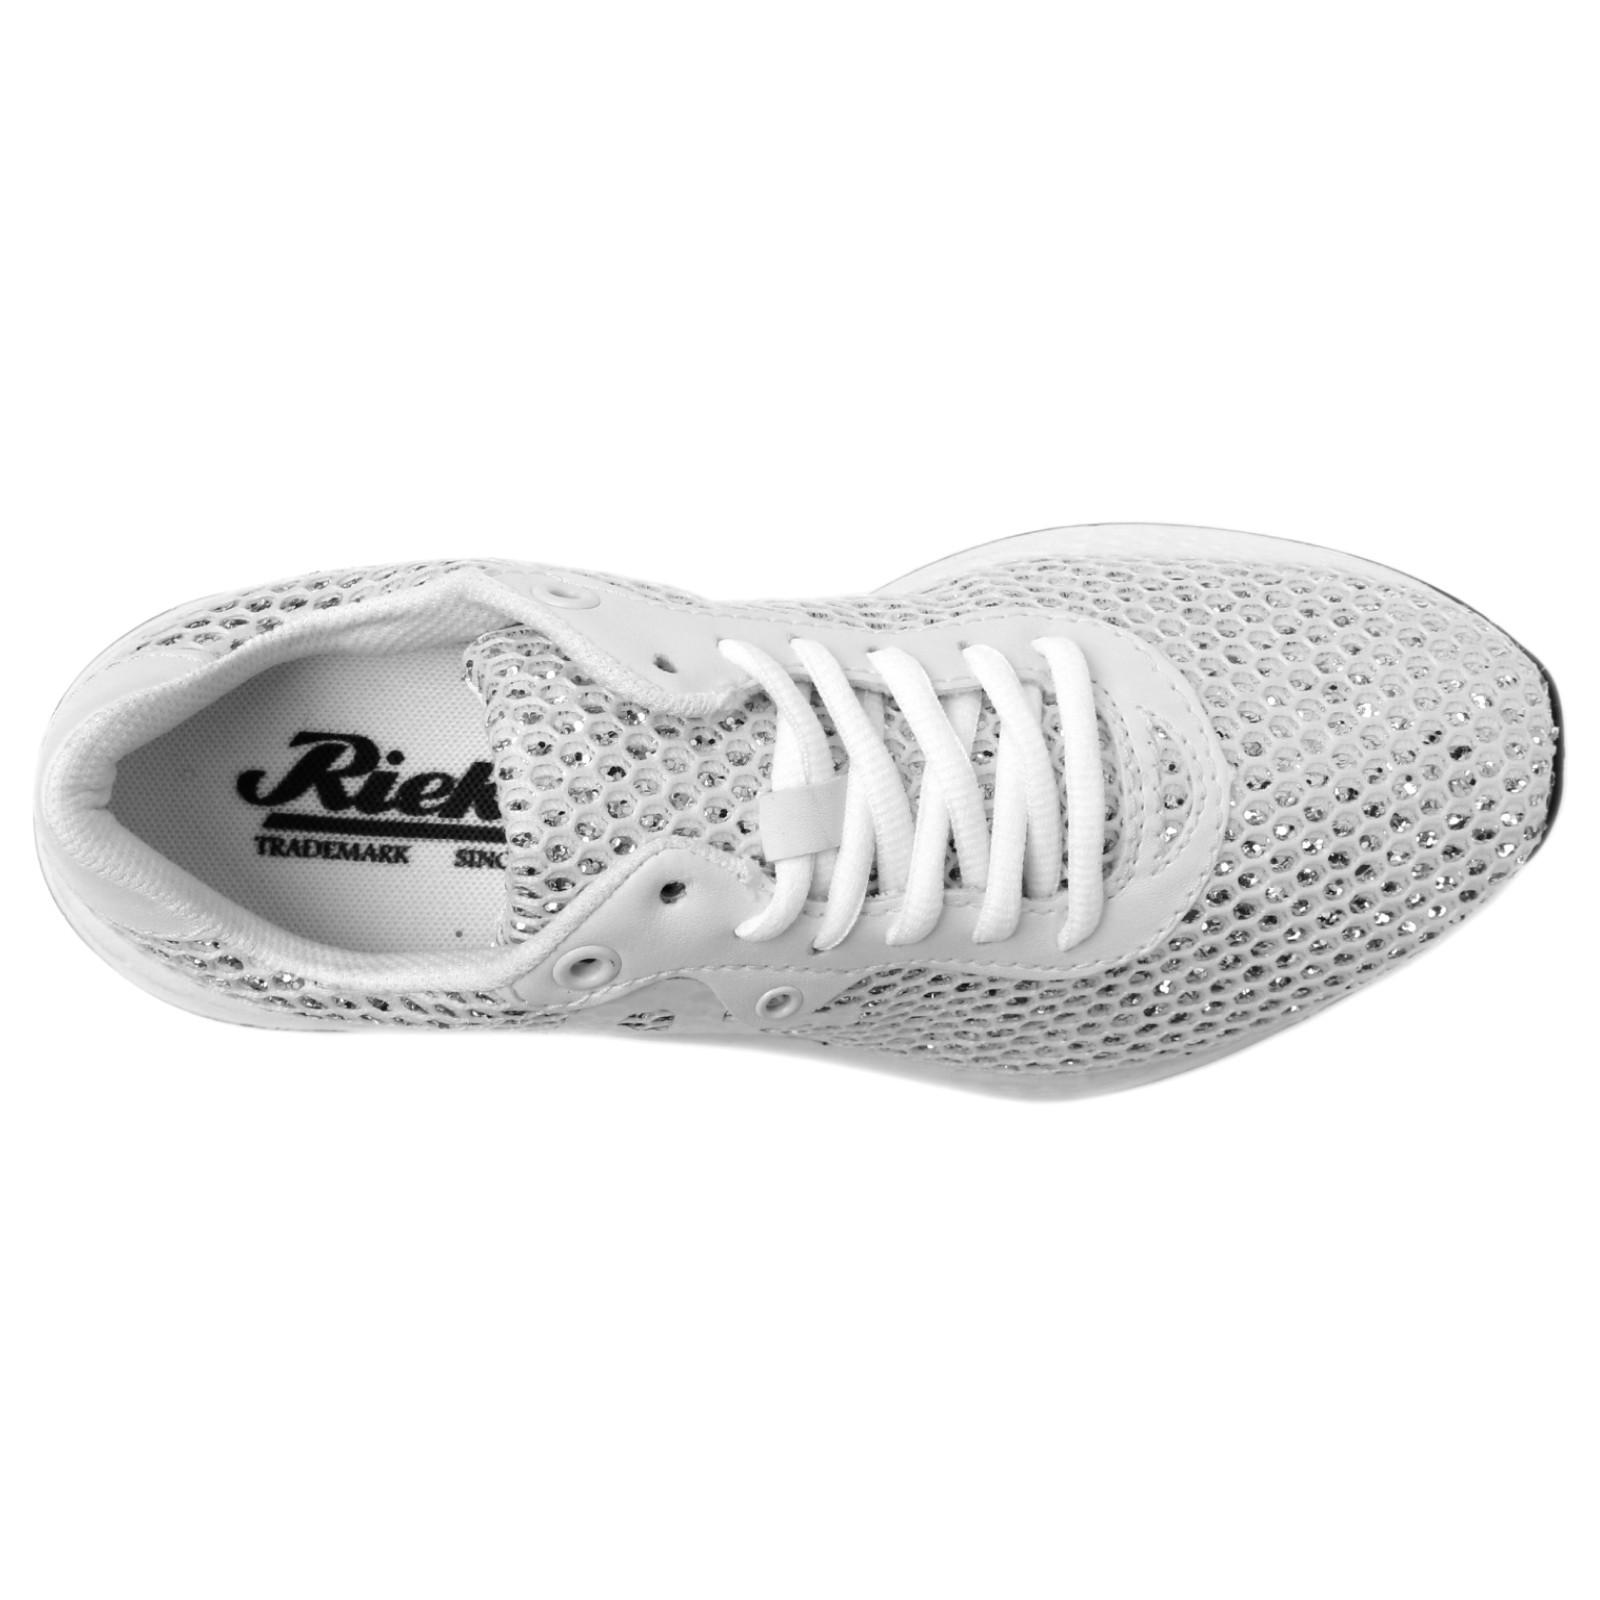 04488 Rieker női sportos félcipő, sneaker N5610 80 Női